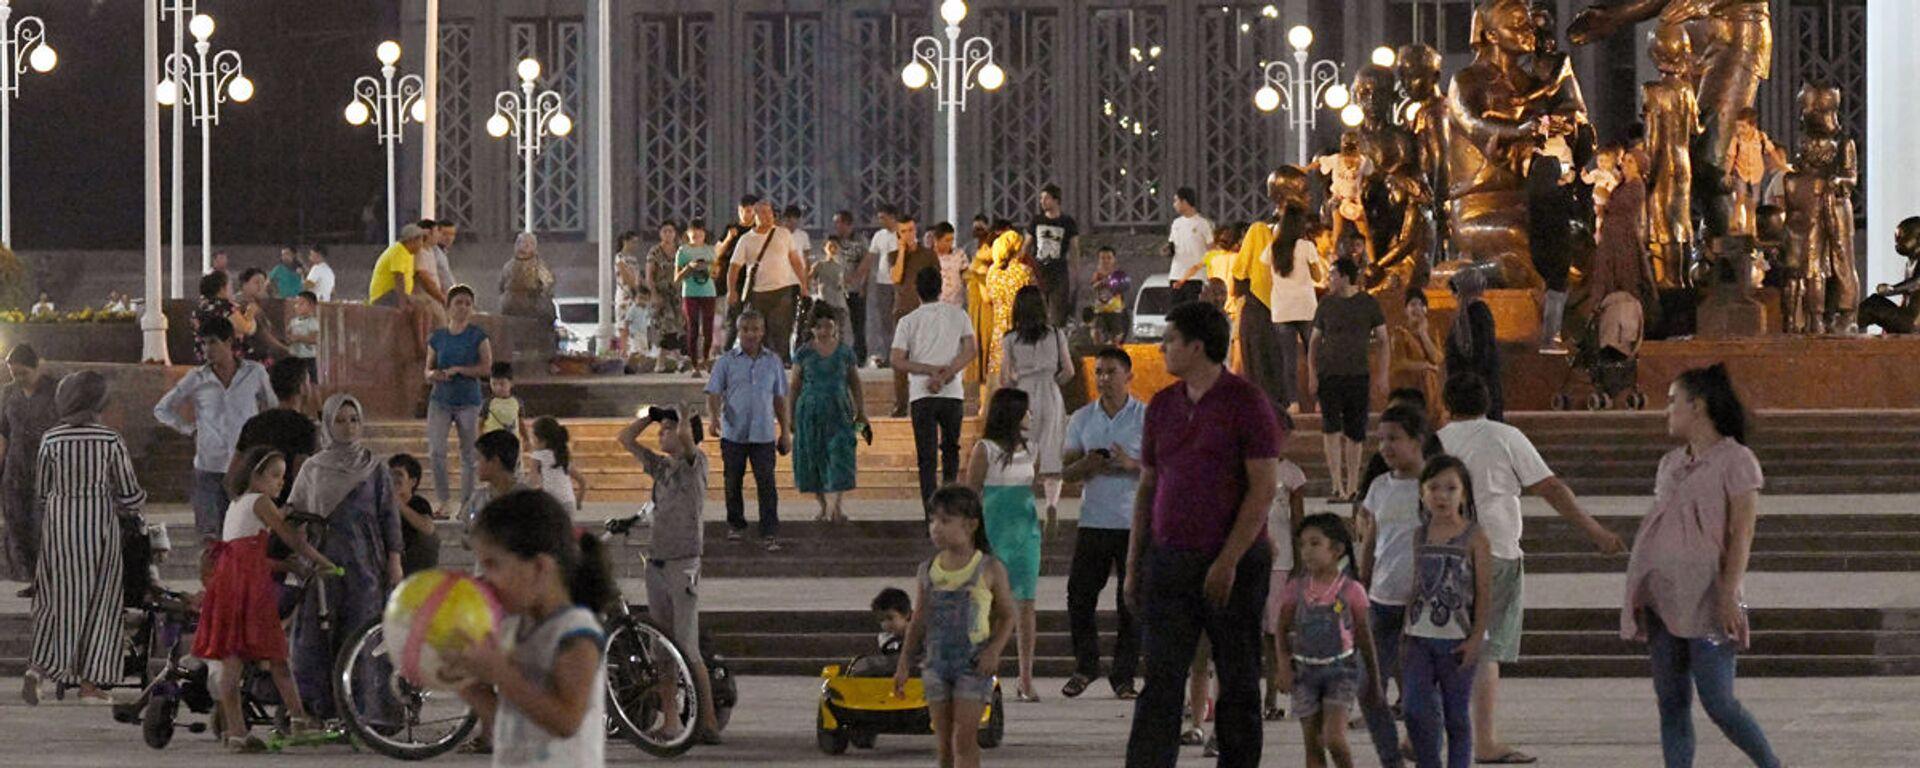 Люди гуляют в Парке Дружбы Народов - Sputnik Ўзбекистон, 1920, 17.03.2020